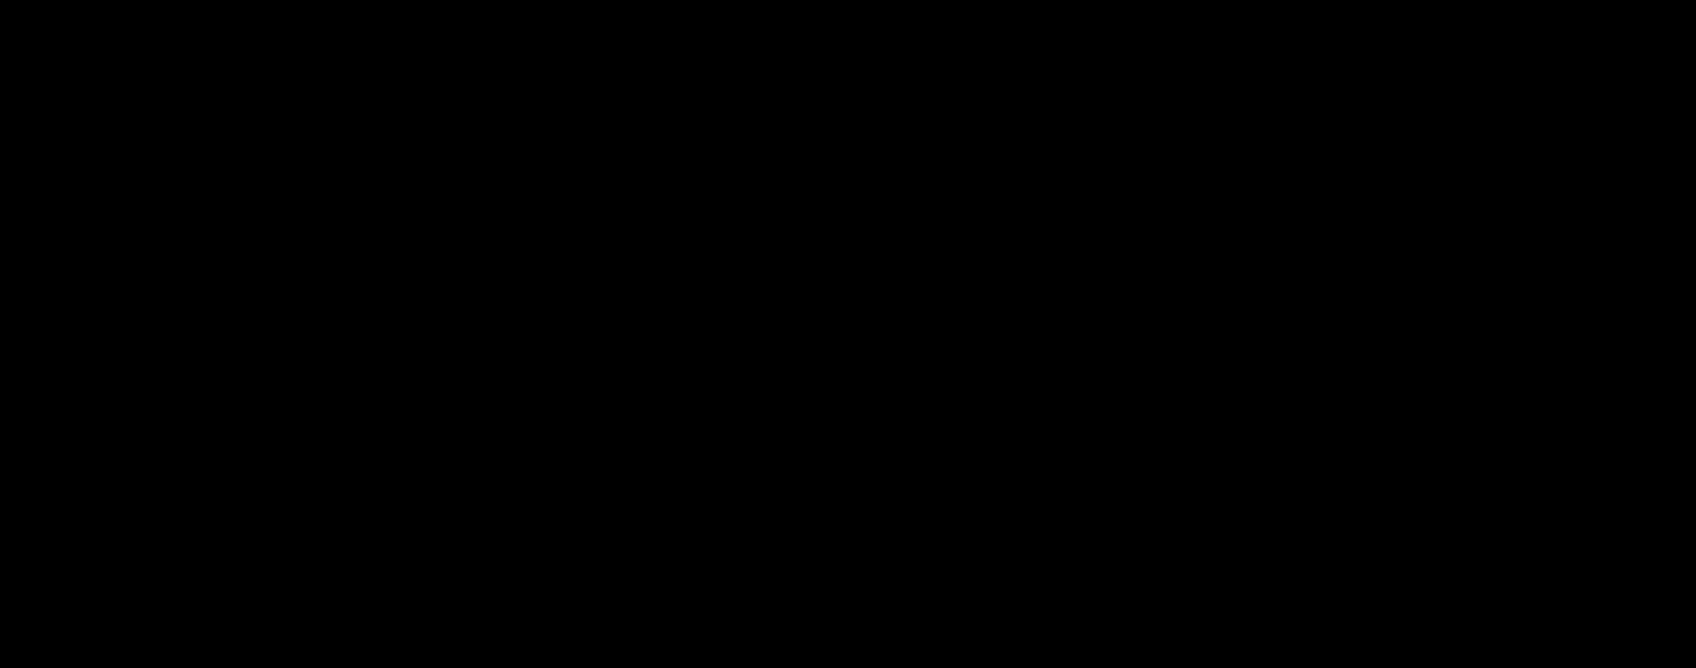 p-Acetamidophenyl-d<sub>7 </sub>β-D-glucuronide